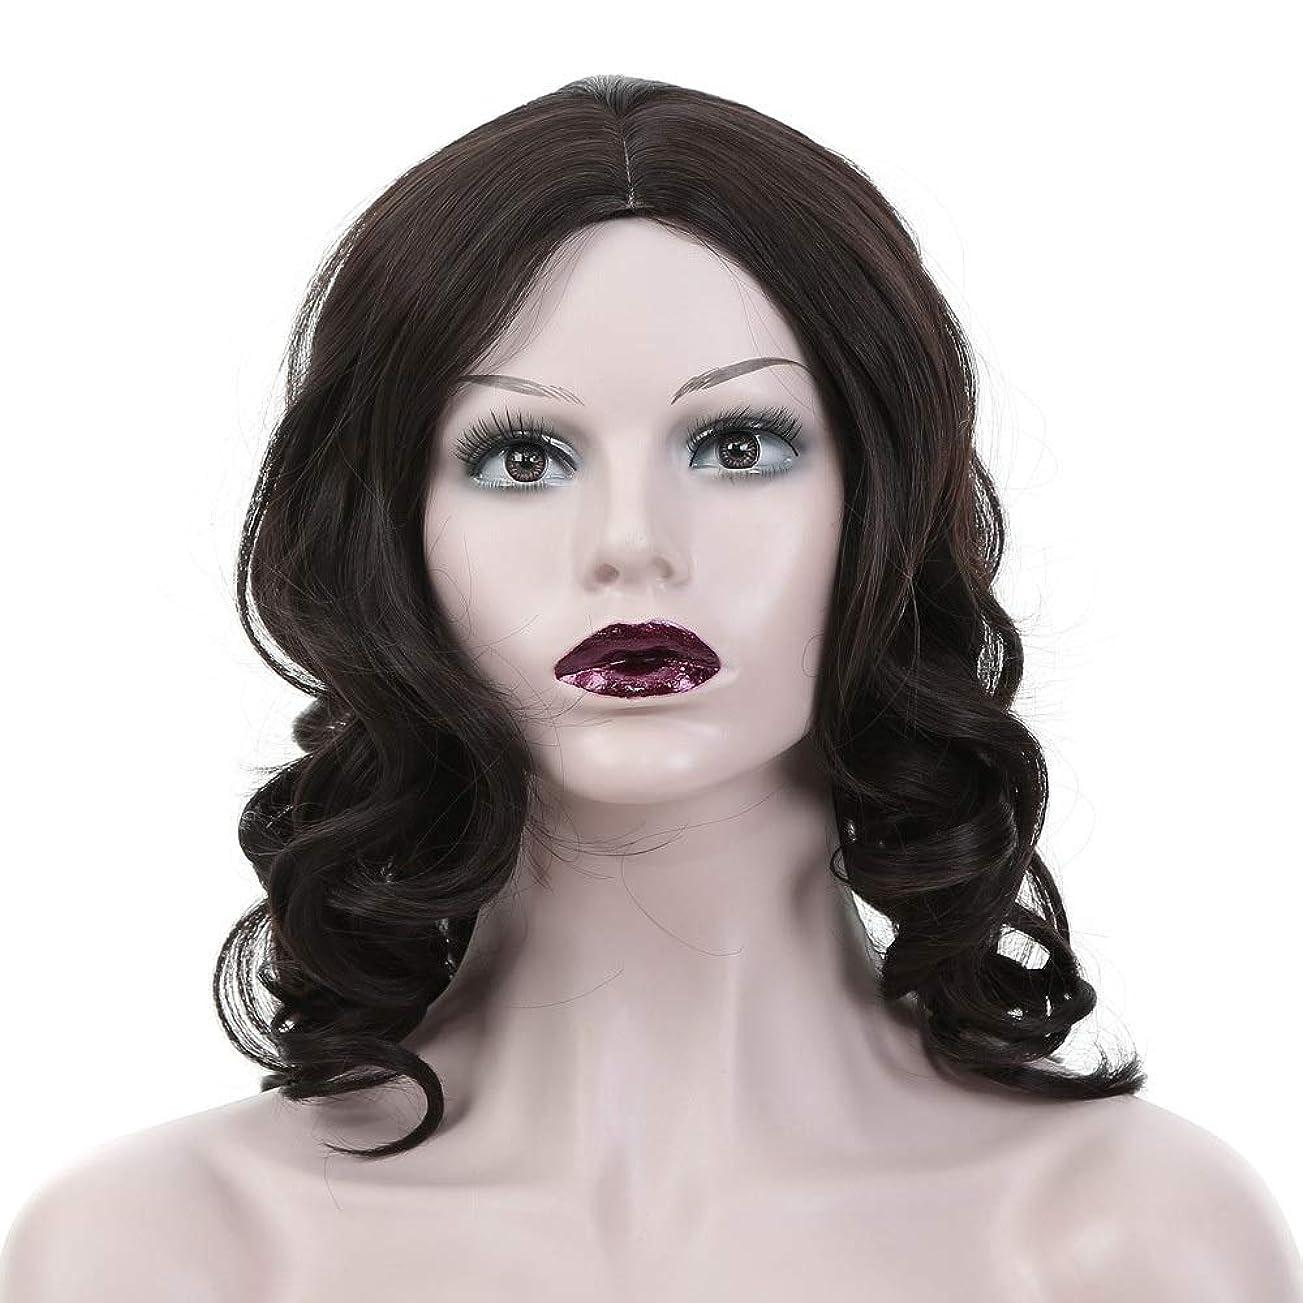 地平線彼女の代名詞Yrattary 女性の黒の長い巻き毛の中間別れの人工毛毎日のかつら (色 : 黒)